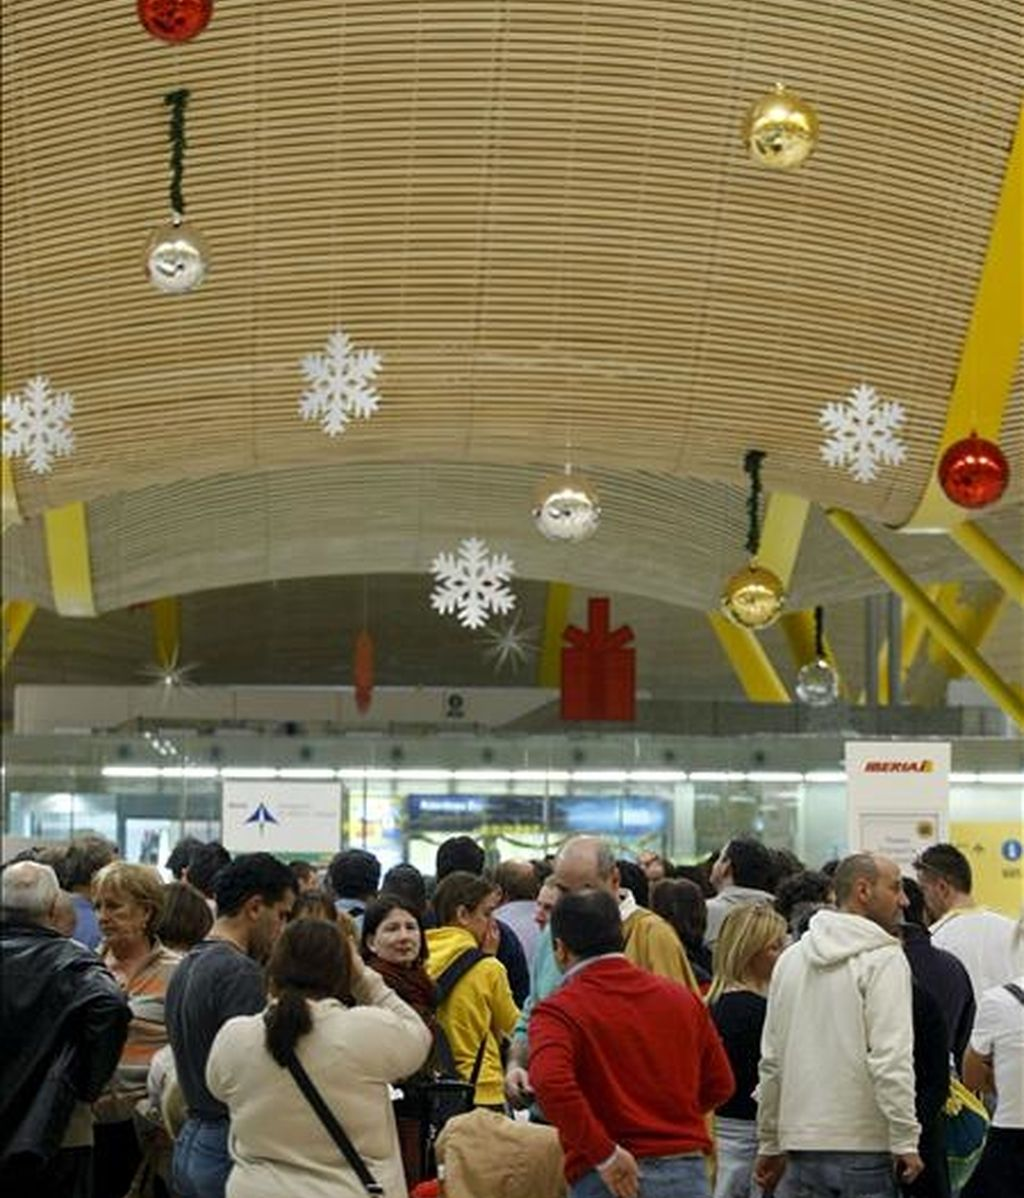 Pasajeros realizan colas para facturar el equipaje en el aeropuerto de Barajas. EFE/Archivo